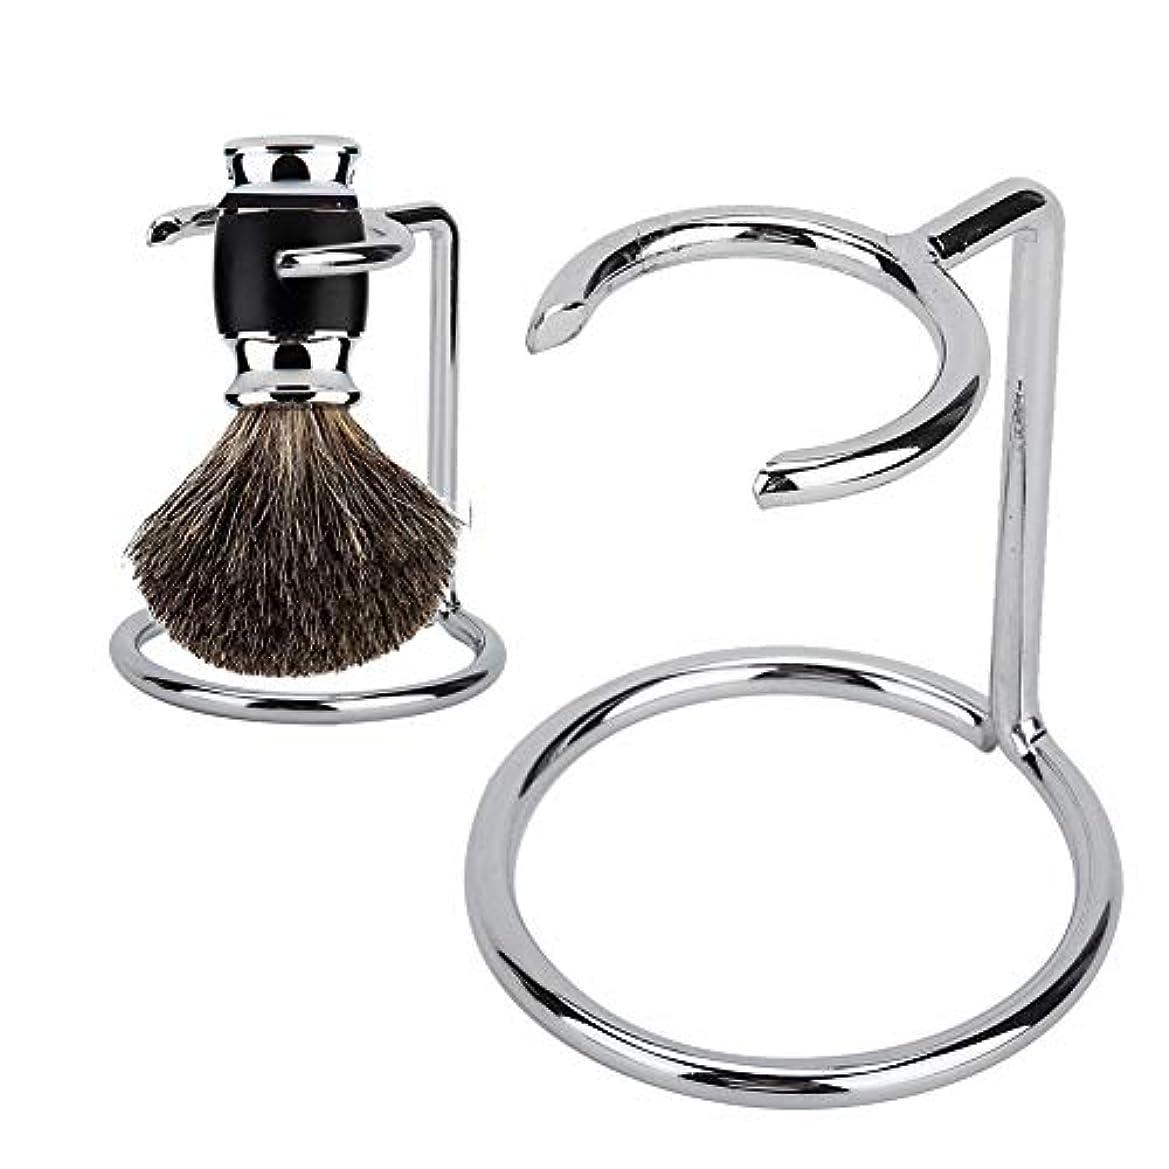 オープナー立場資料剃毛ブラシ立場、ステンレス鋼材料はサロンの使用のための適した錆の流行の安全ブラシホルダーを防ぎます家の使用および旅行使用